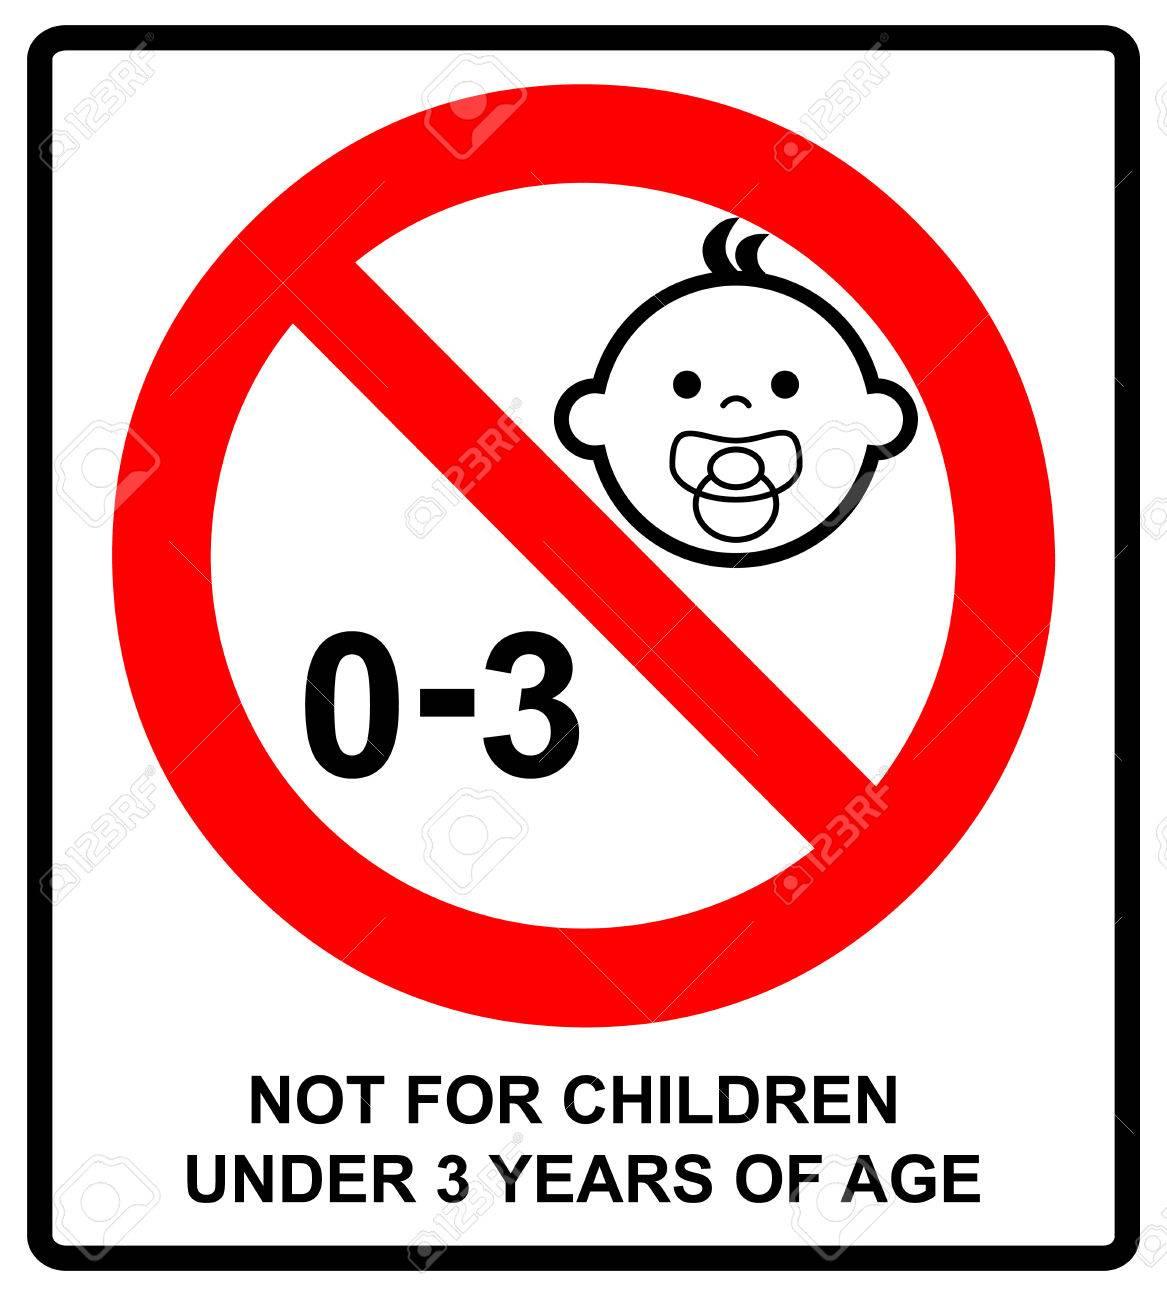 Ilustración Vectorial No Adecuado Para Niños Menores De 3